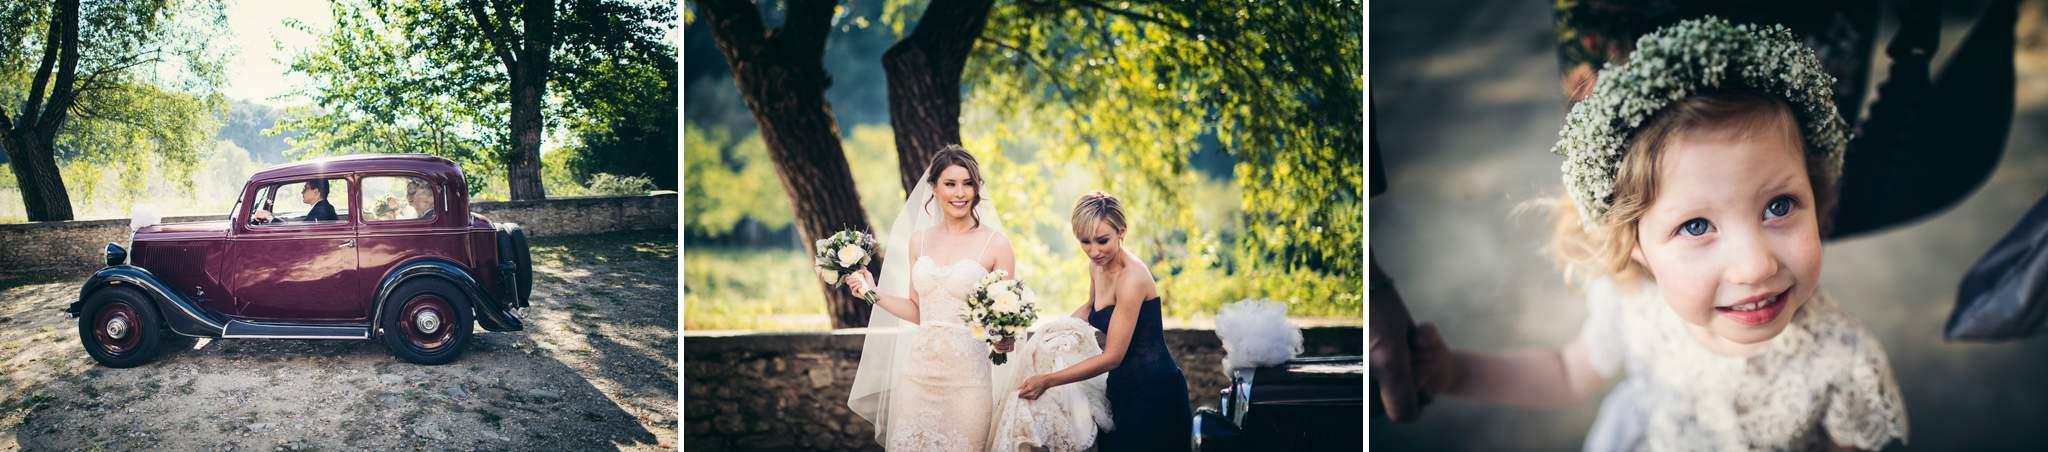 17fotografo-matrimonio-castello-di-vincigliata